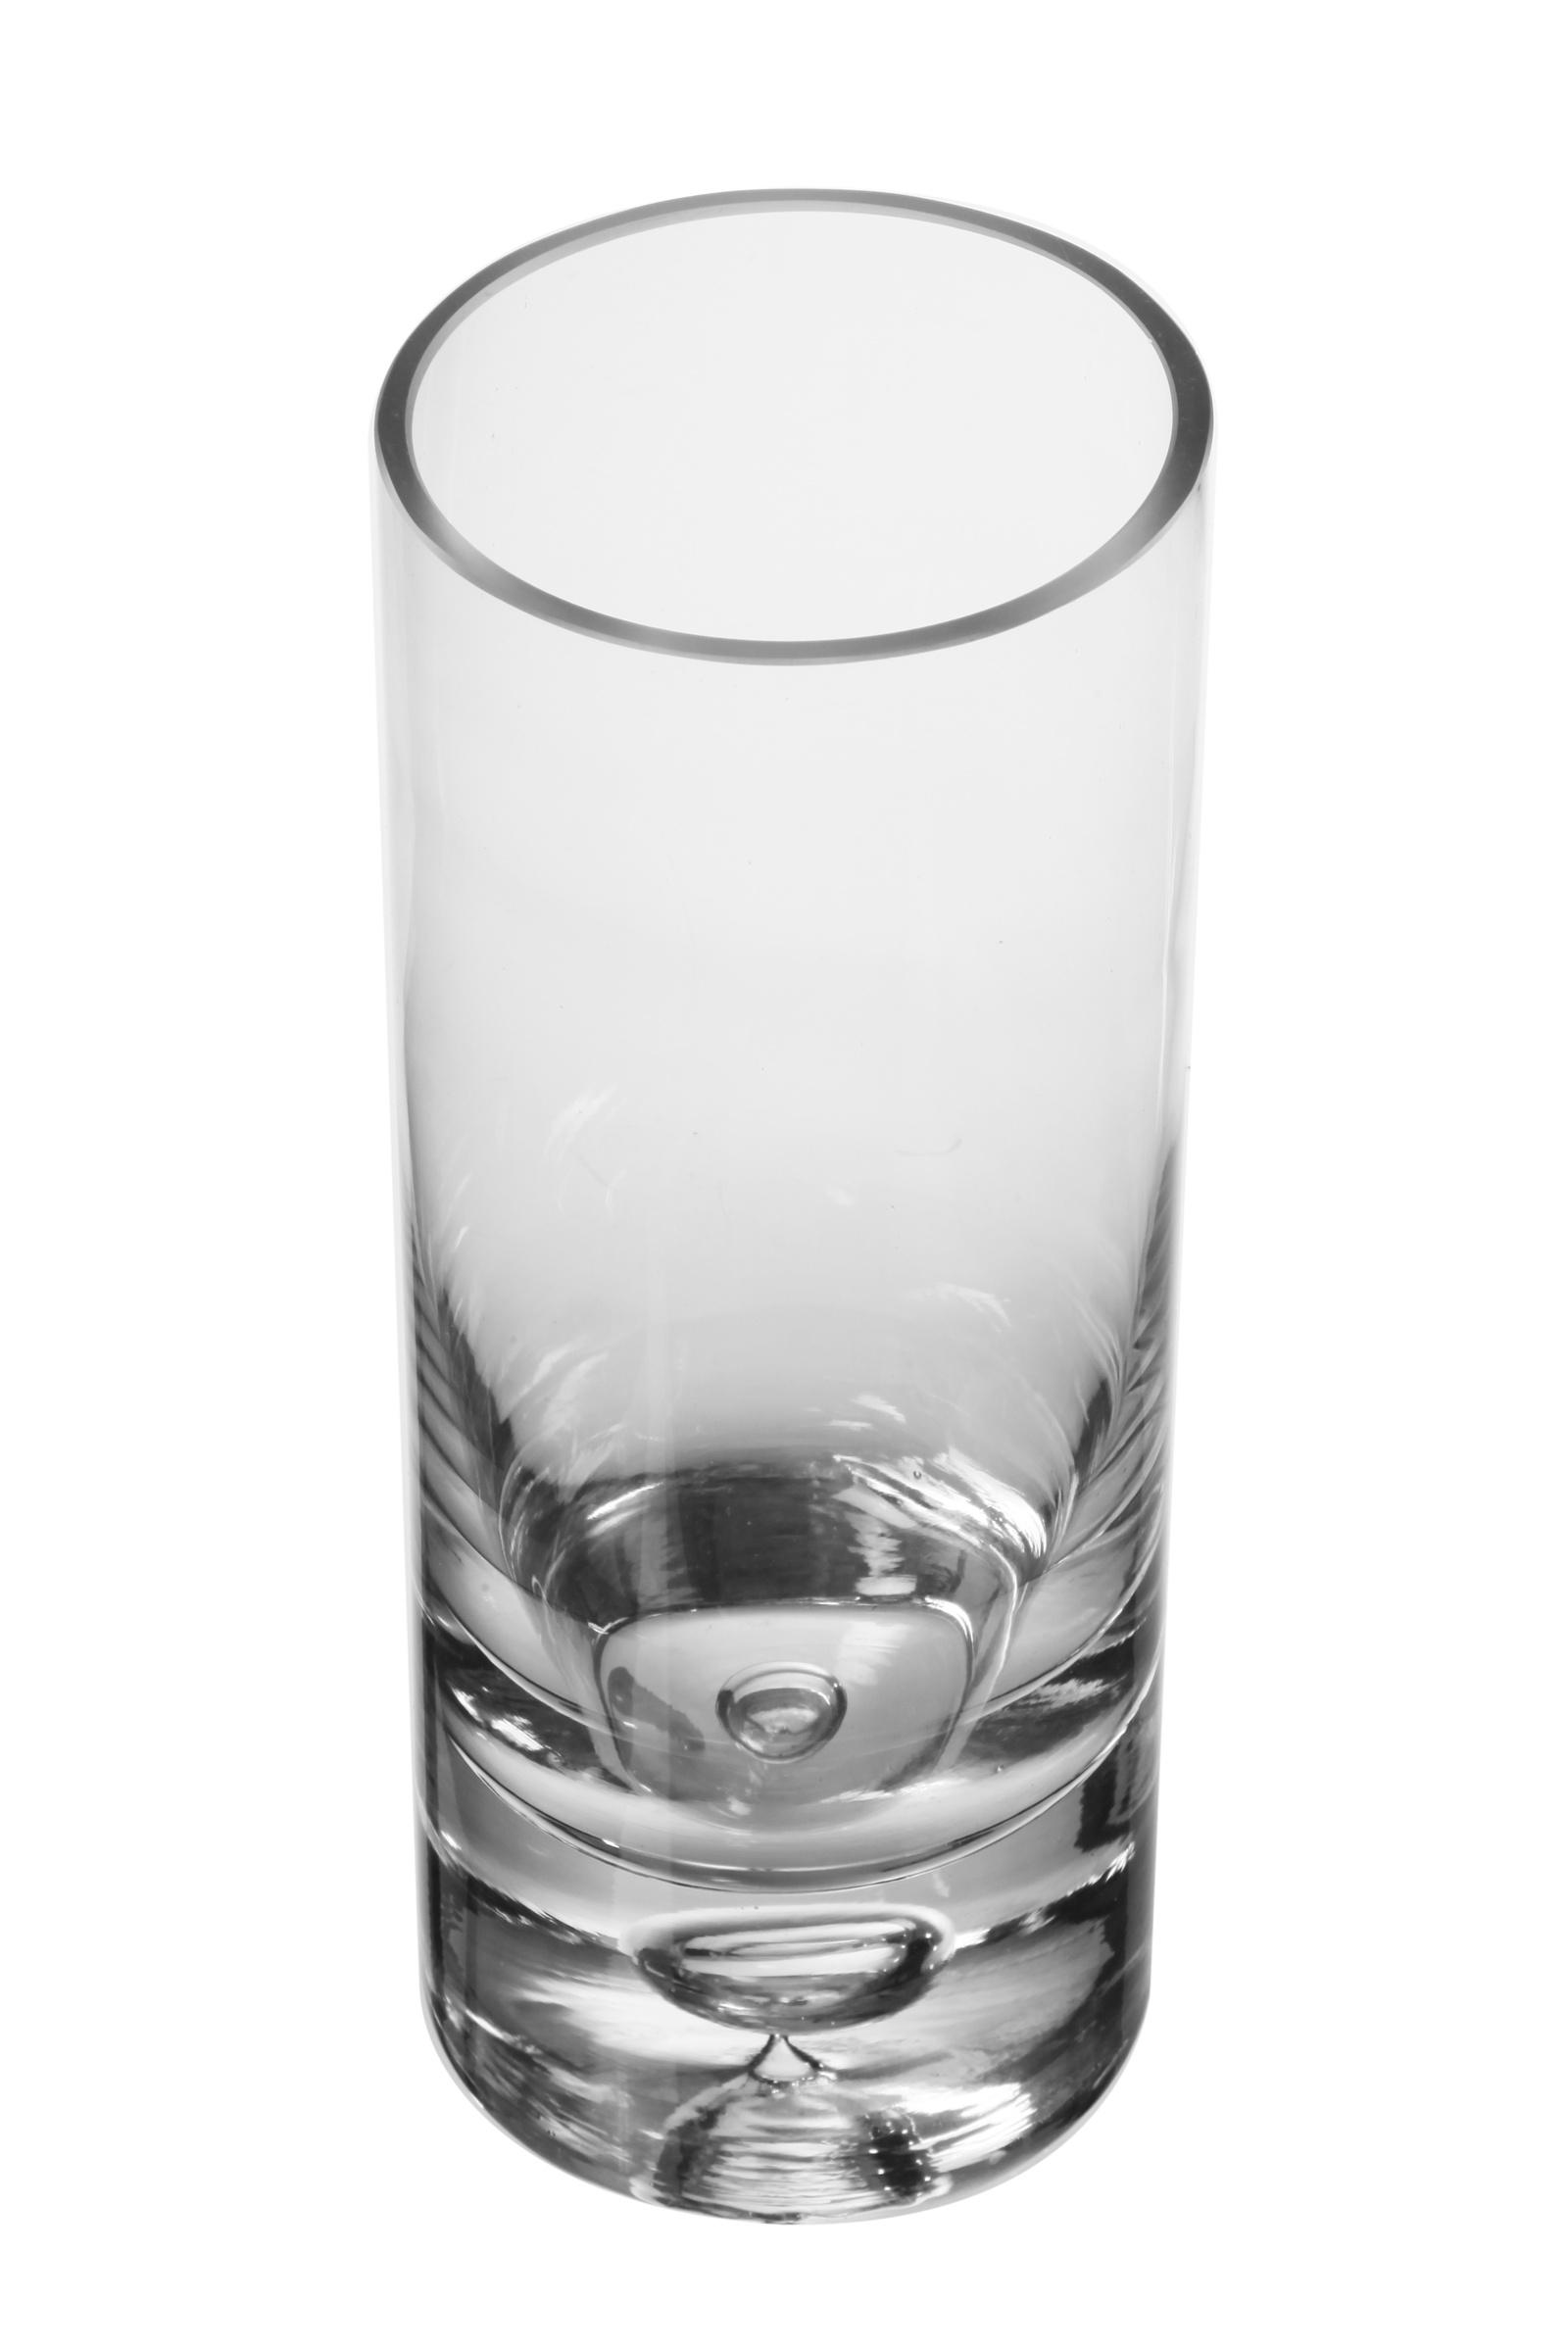 Ваза IsmatDecor Стеклянная ваза, ST-1 прозрачный, прозрачный